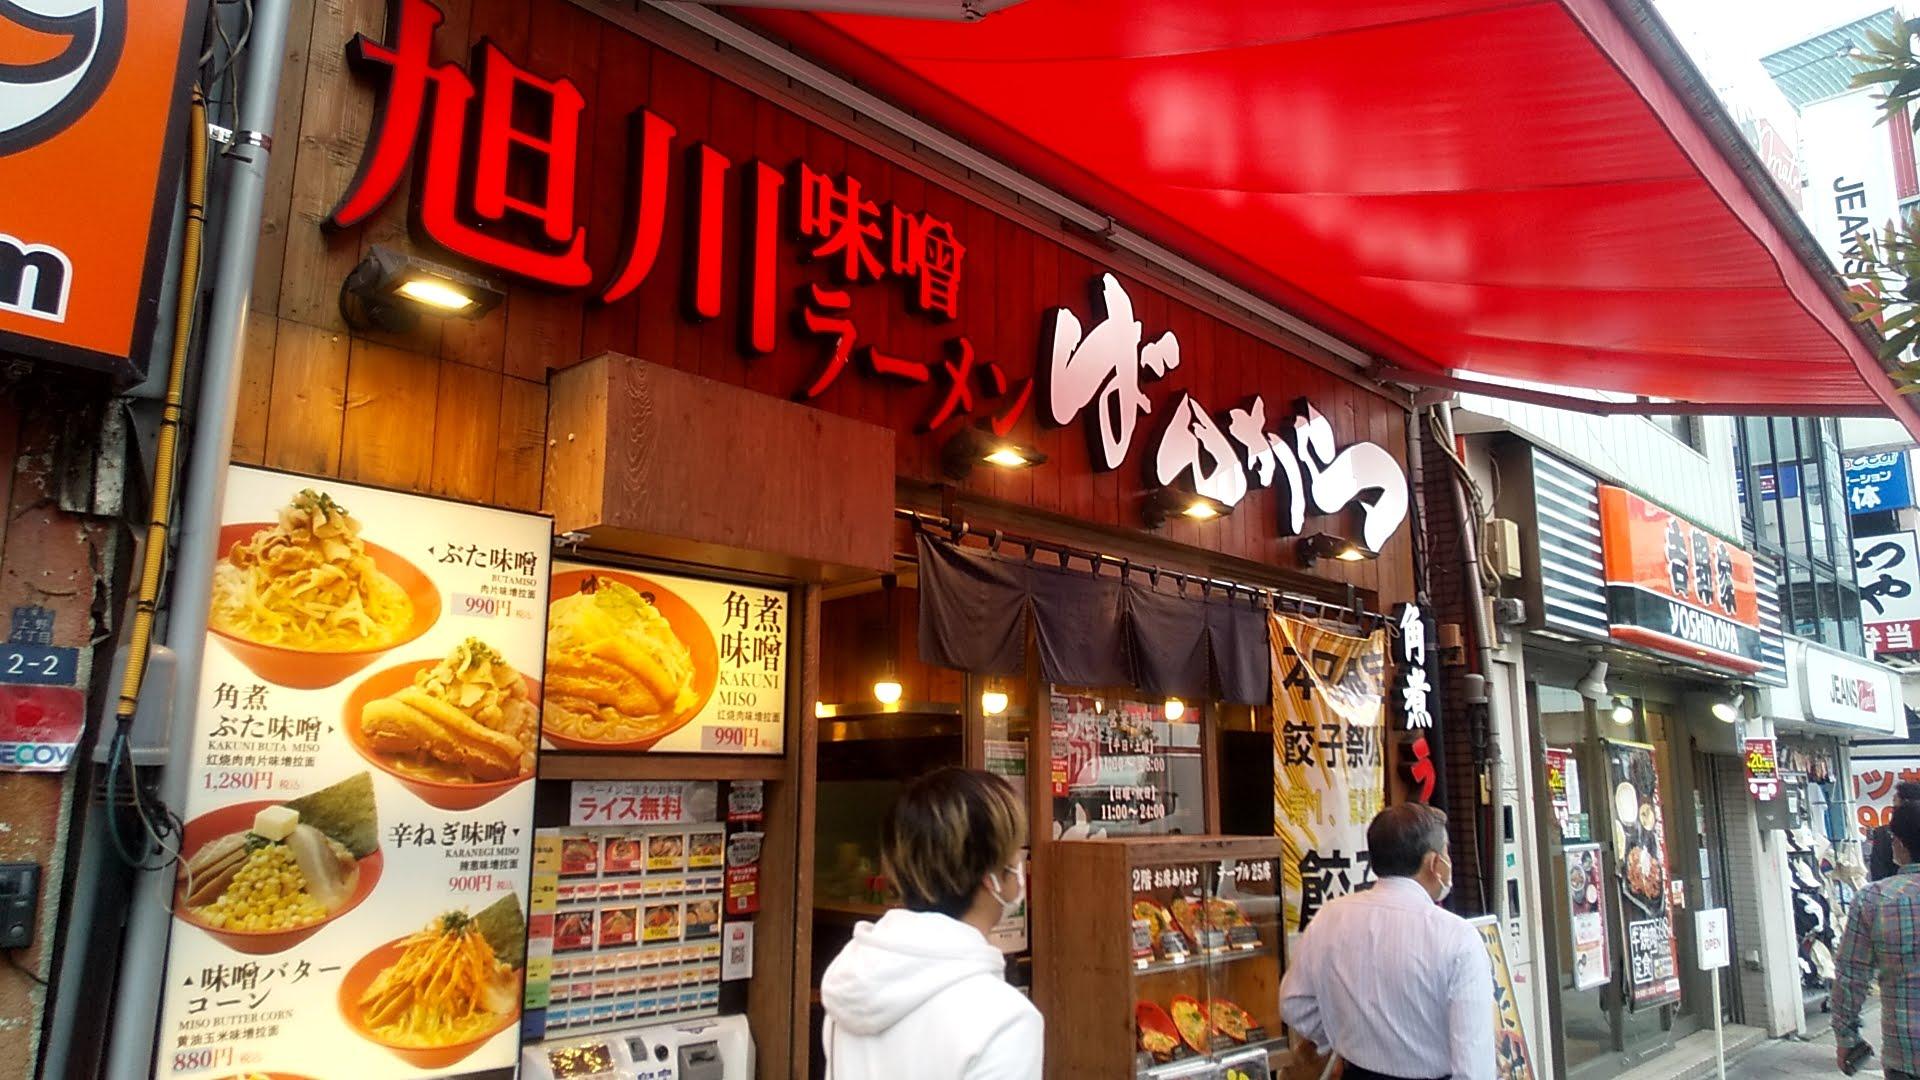 旭川味噌ラーメンばんからの外観写真